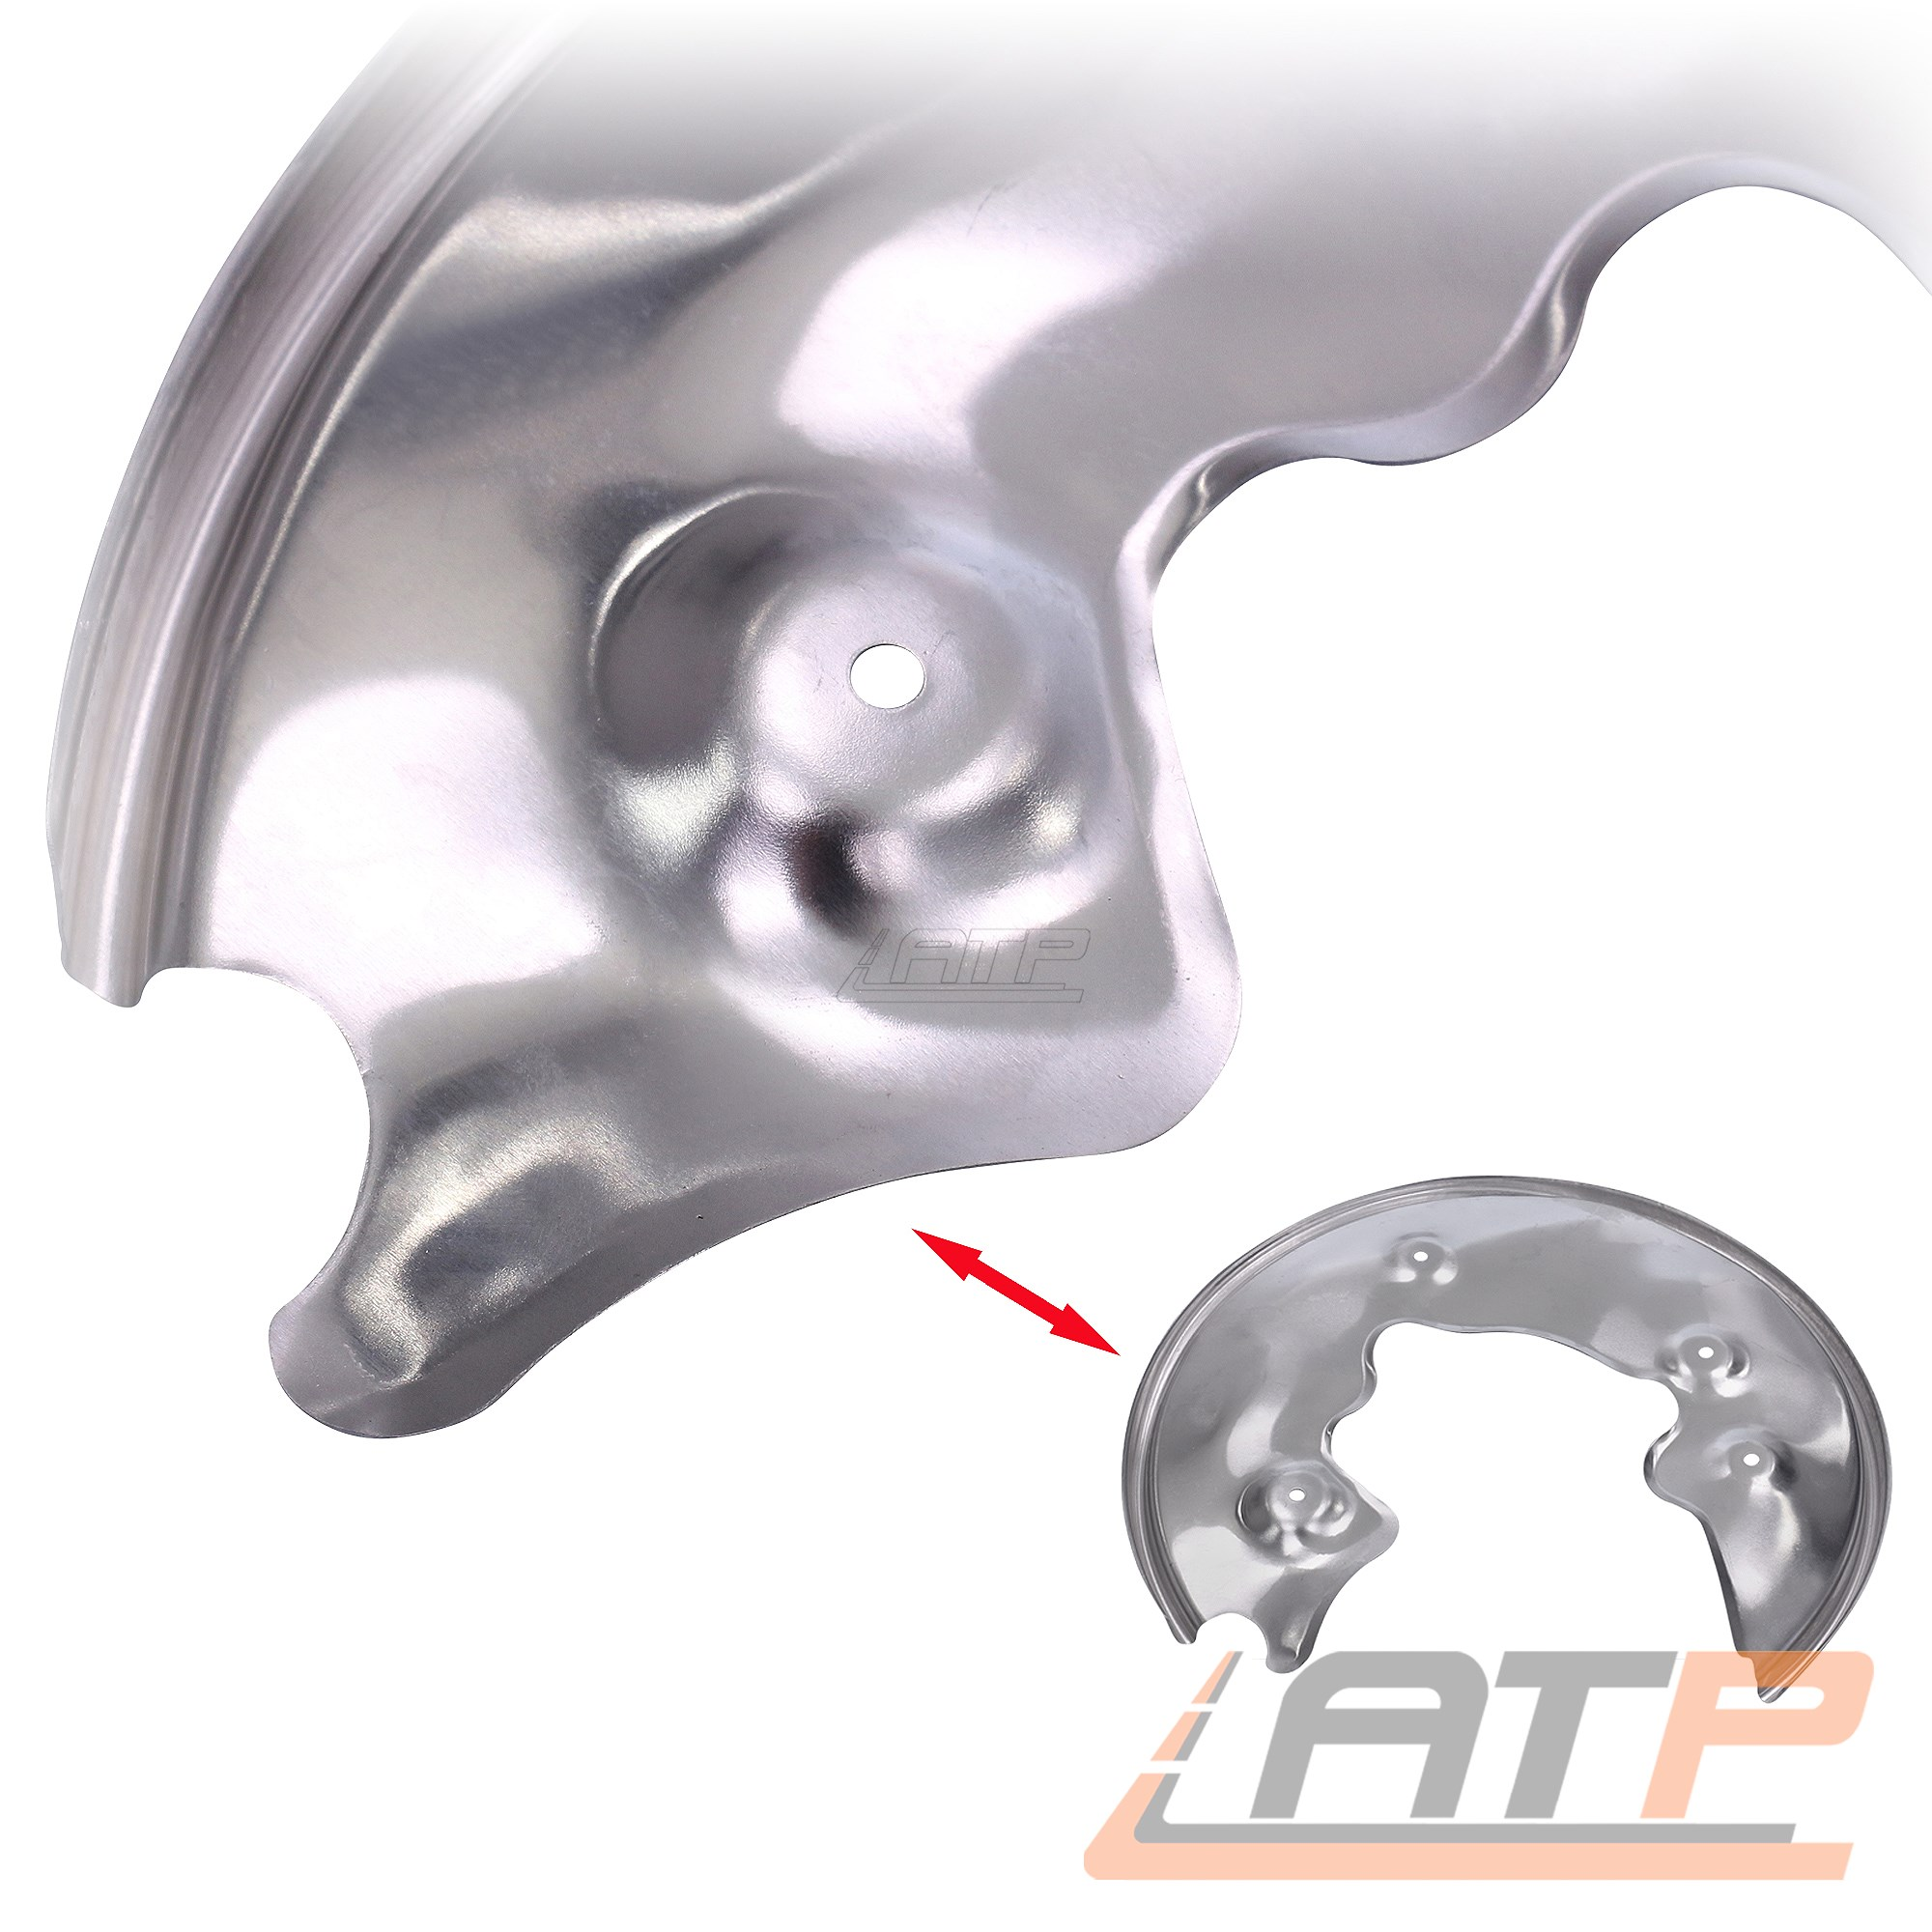 Für Opel Astra H 1.9 CDTI 150 MK5 Agr-Ventil Dichtung Metall X2 2004-2011